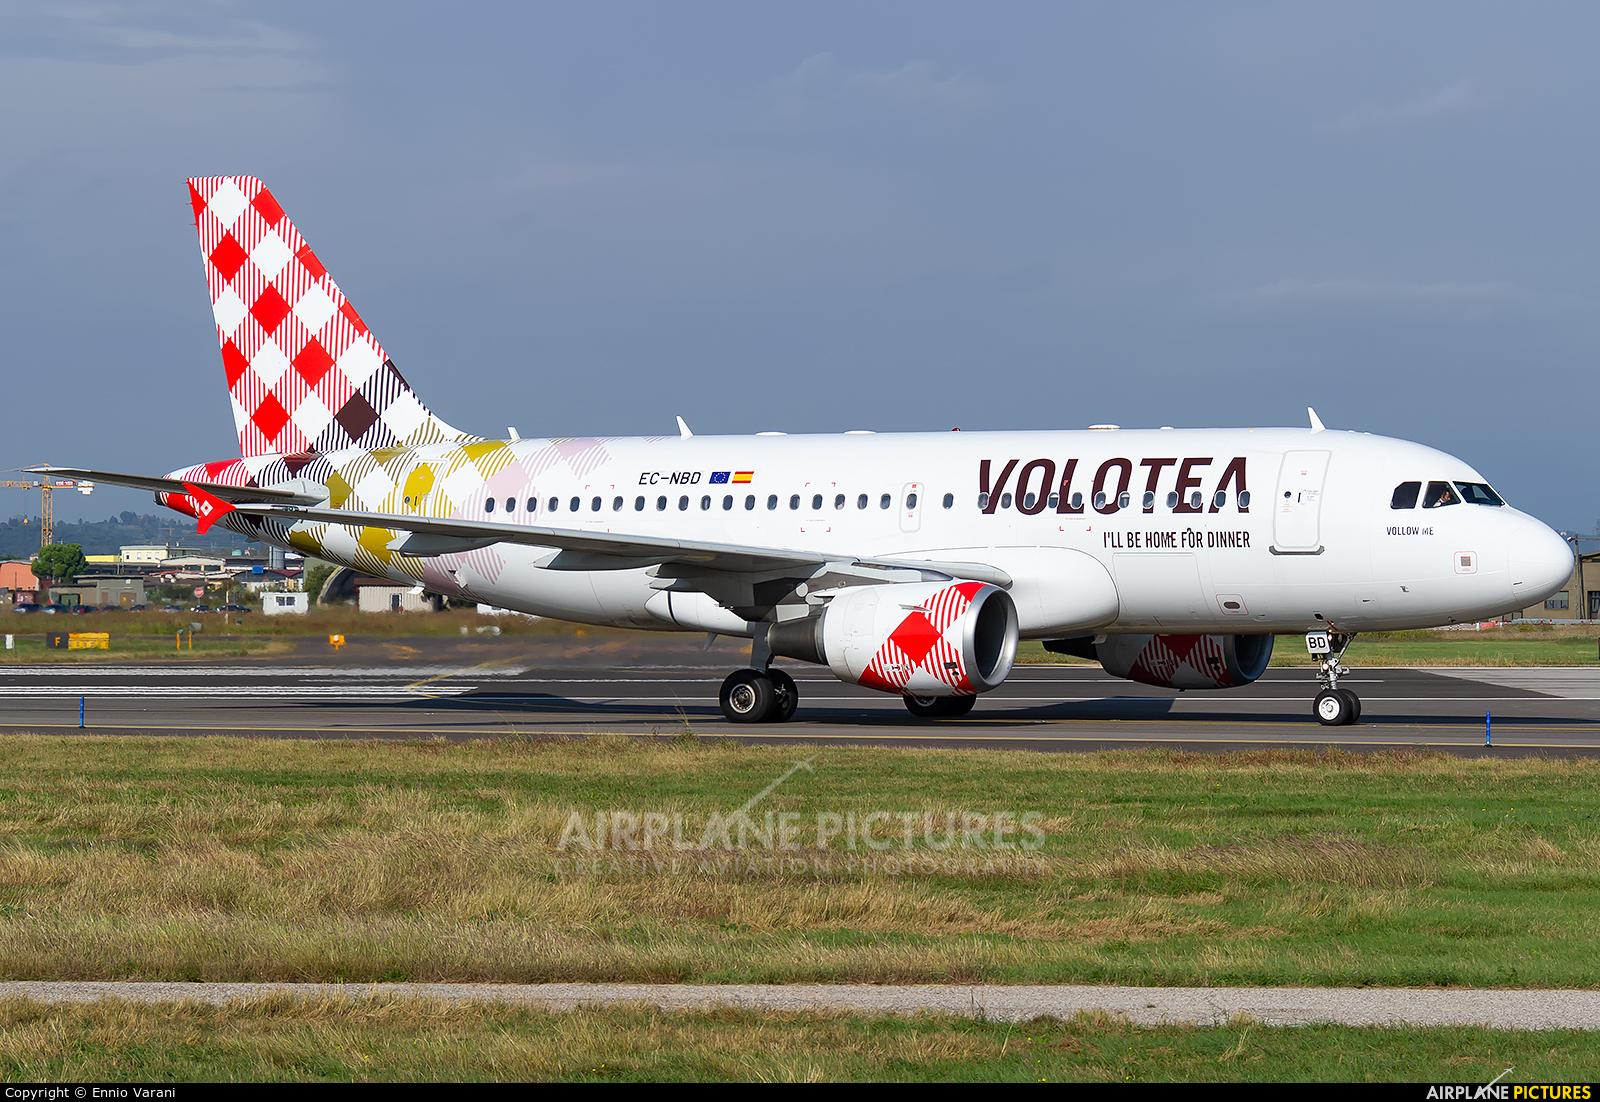 Volotea Airlines EC-NBD aircraft at Verona - Villafranca